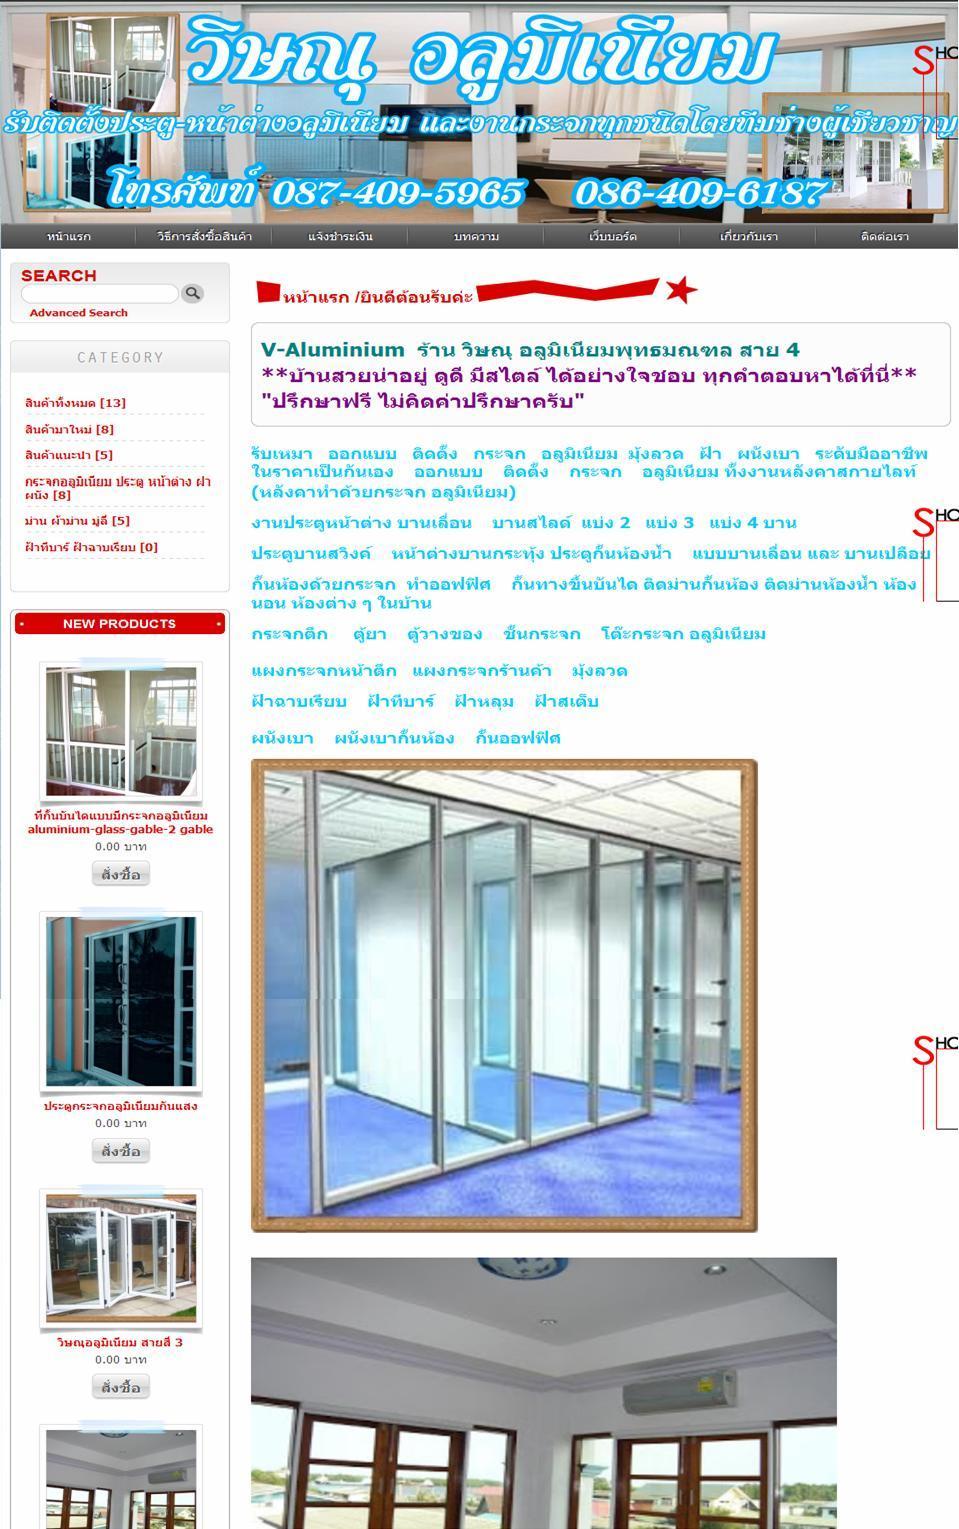 ร้าน วิษณุอลูมิเนียม รับติดตั้งกระจกอลูมิเนียม ทั่วประเทศ สนใจติดต่อช่างวิษณุ โทร.087-409-5965/086-409-6187